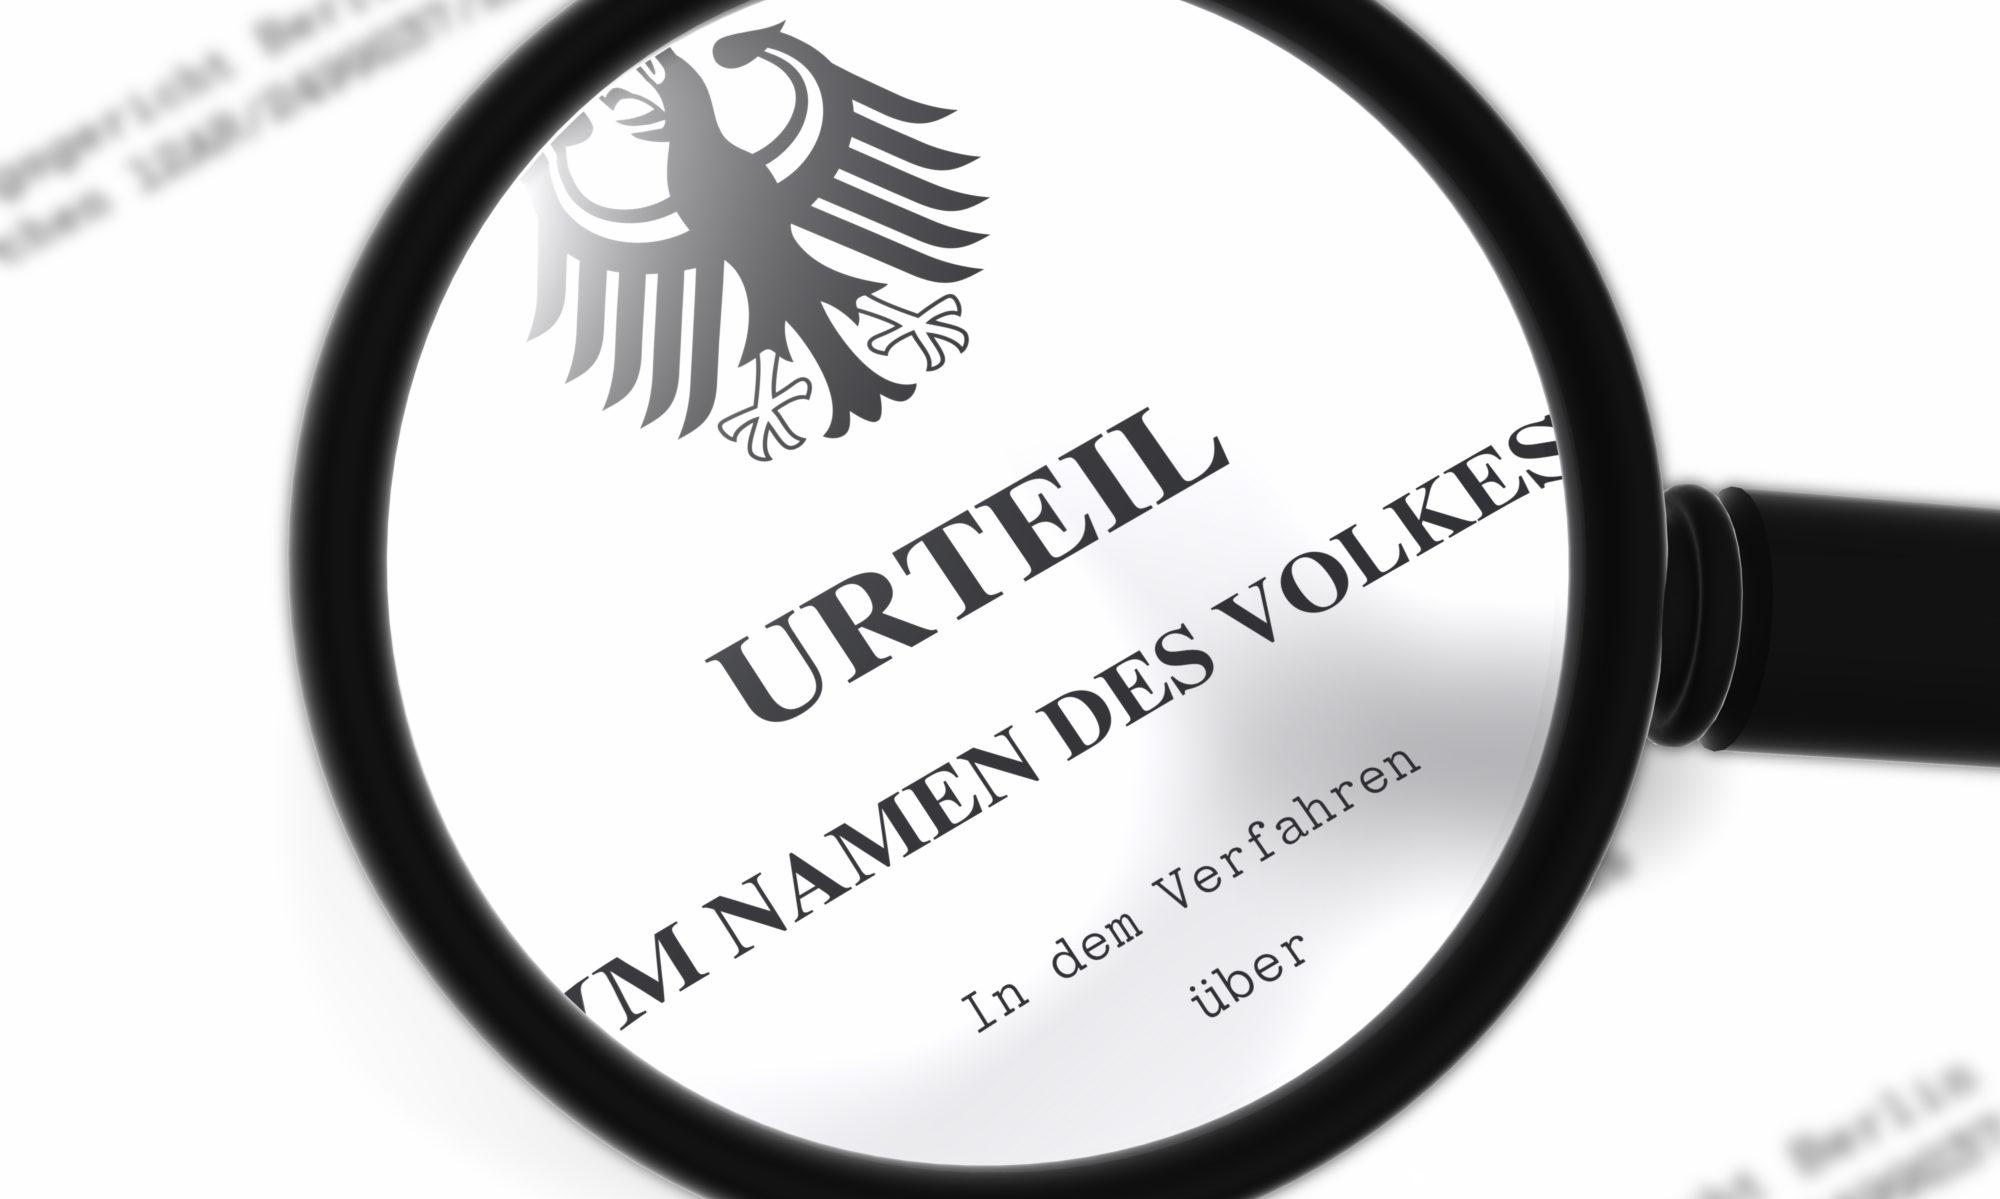 Rechtsanwalt Dr. Übler